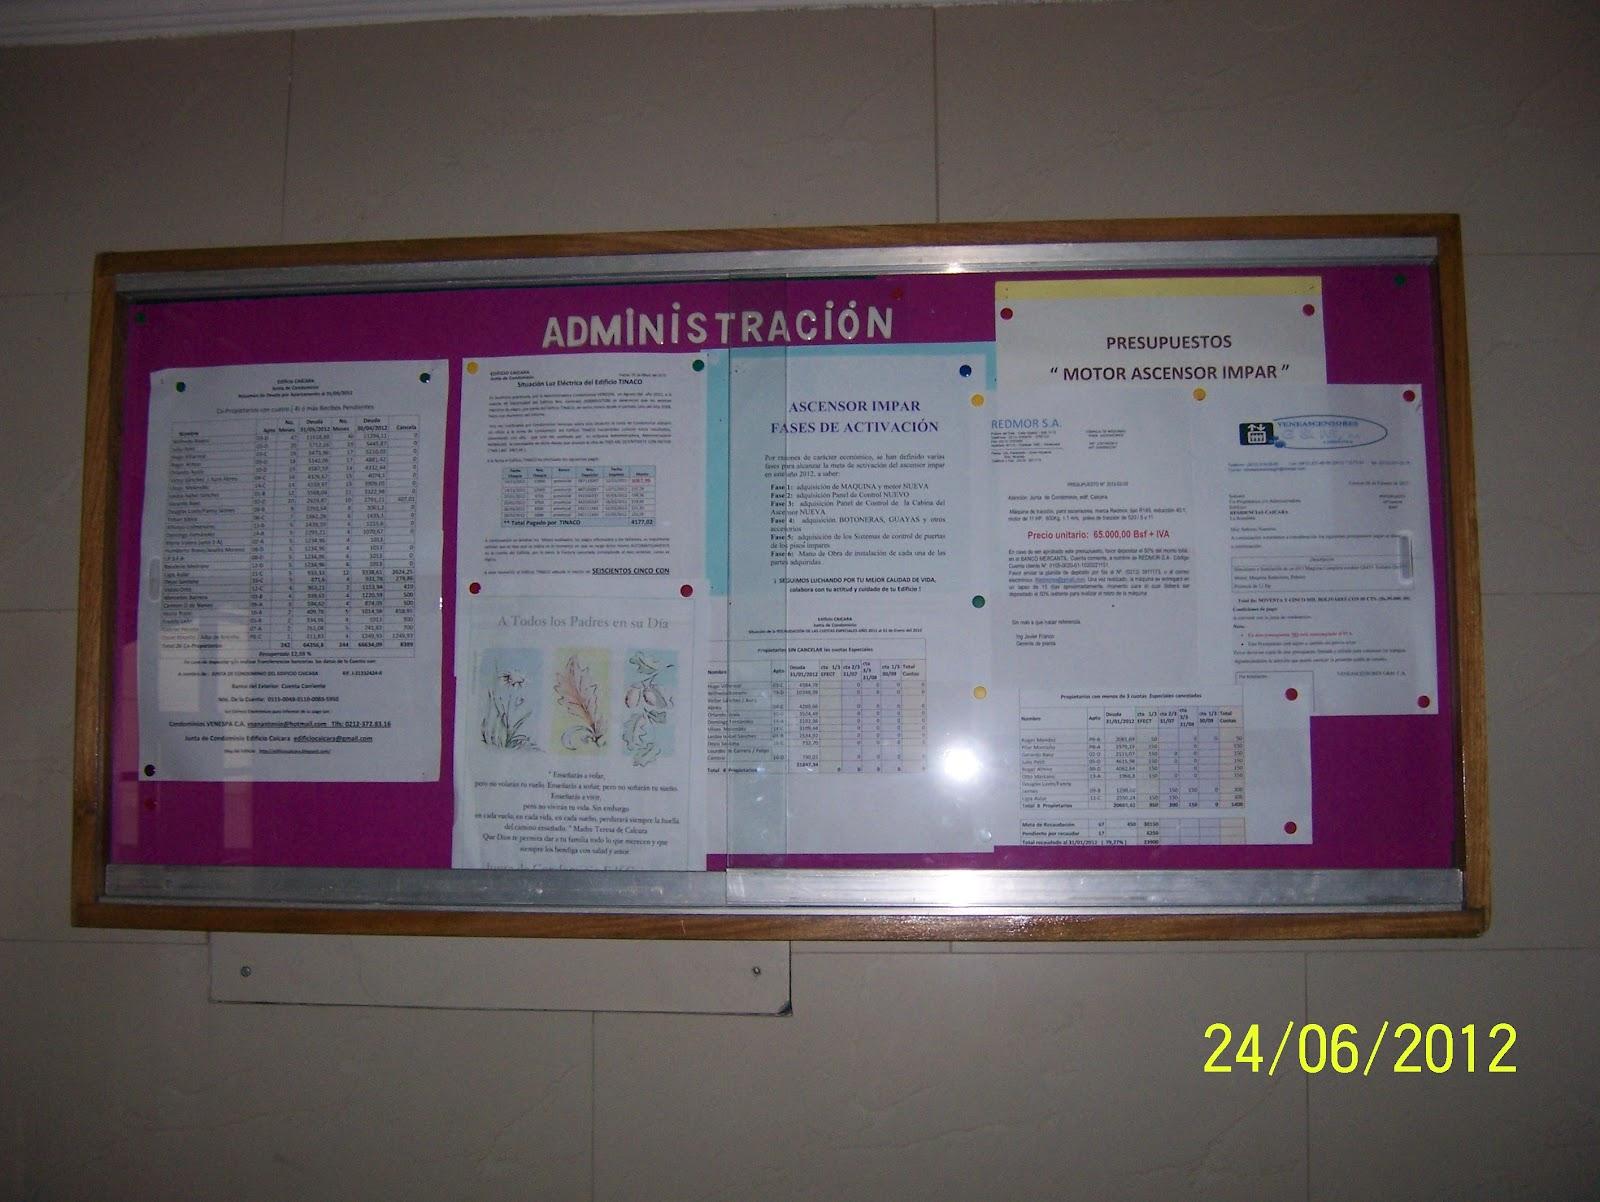 Edificio CAICARA: Nuevos Vidrios Cartelera informativa